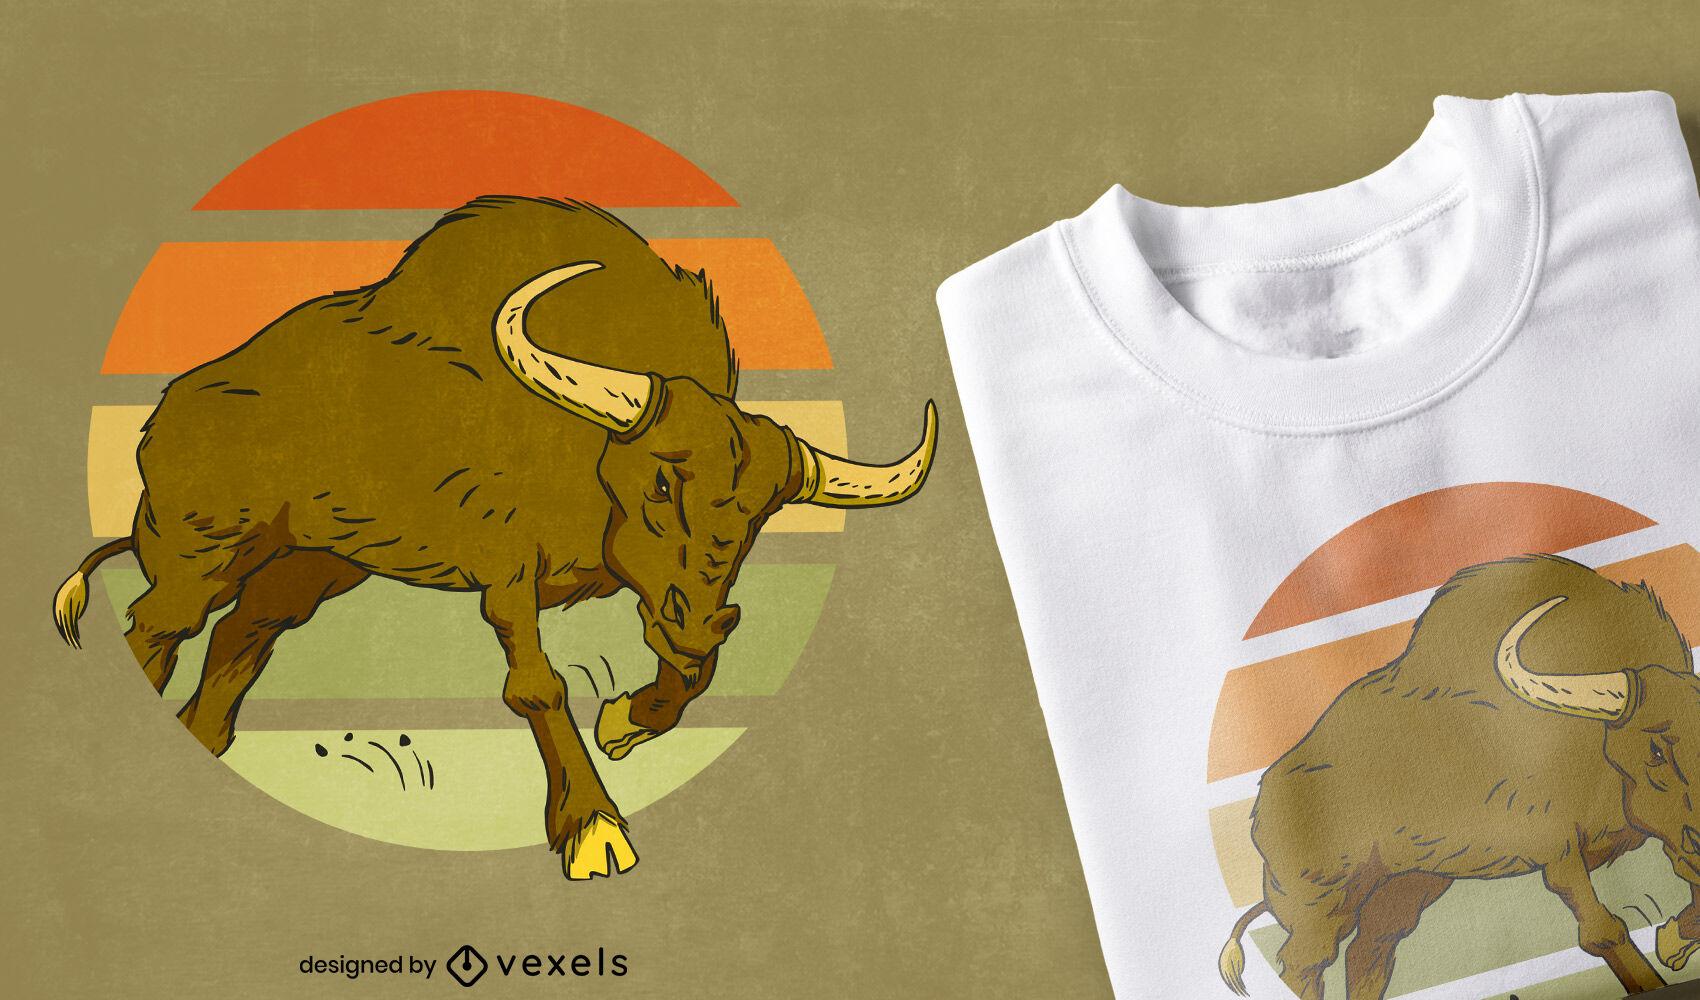 Animal de toro en dise?o de camiseta retro puesta de sol